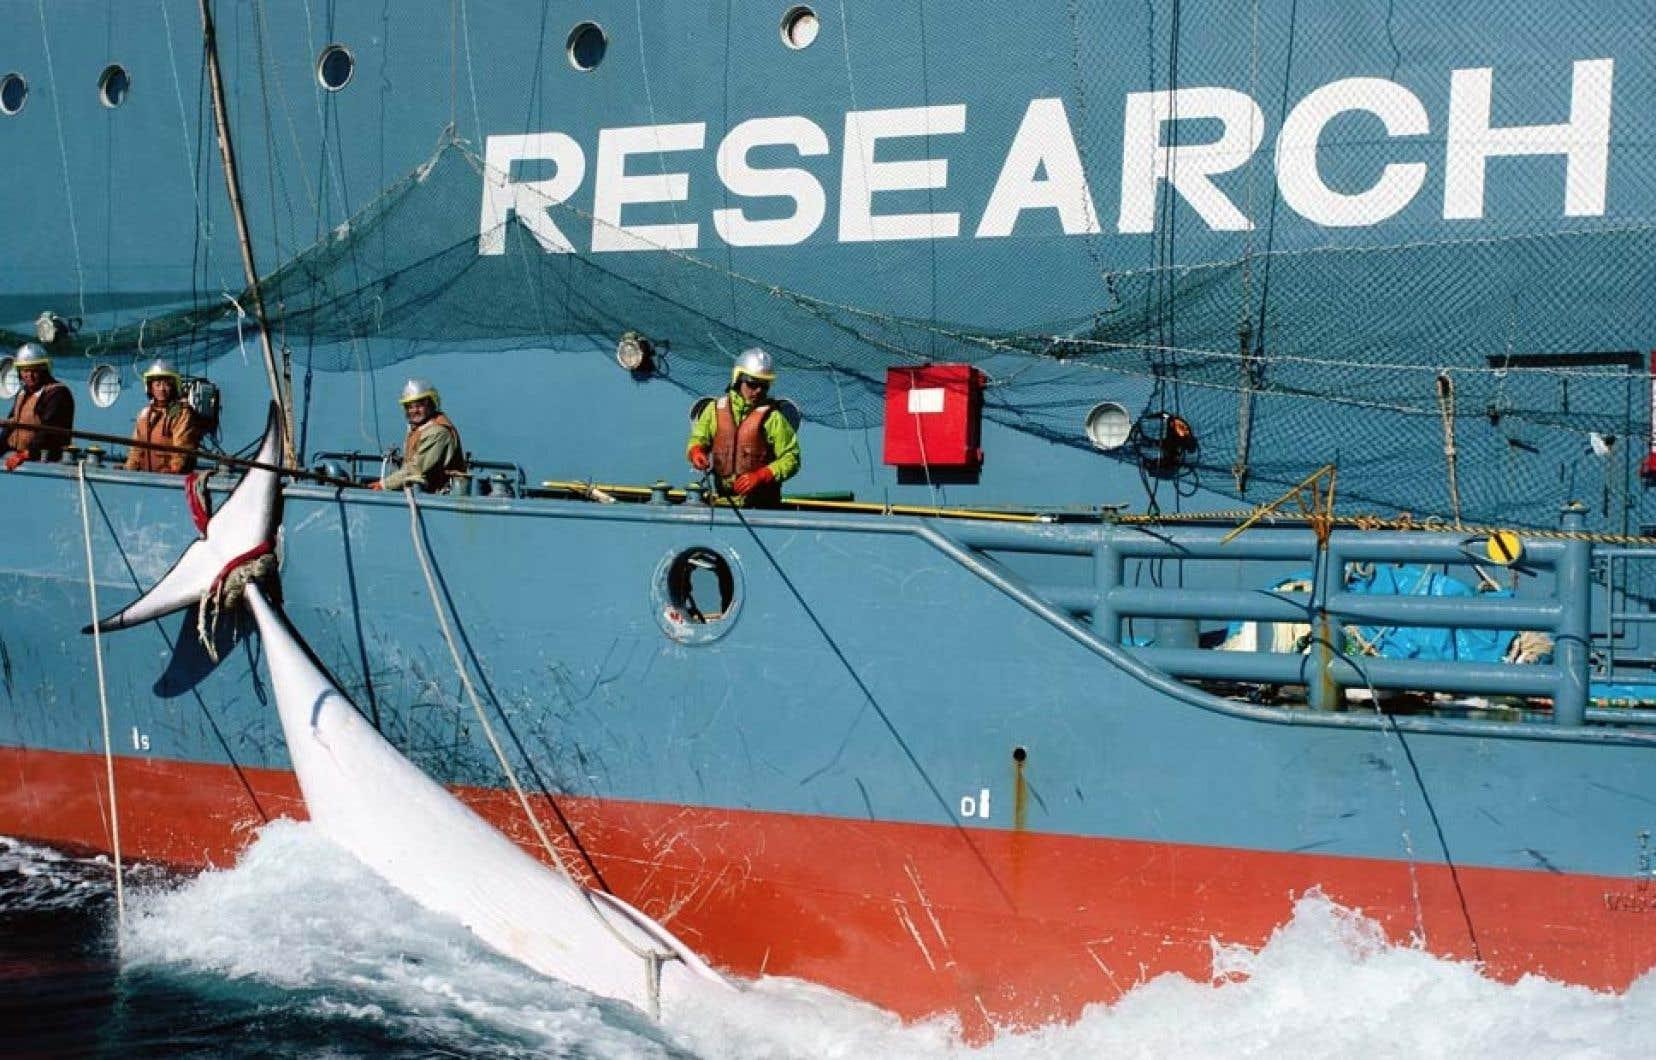 Les gâteries destinées aux chiens sont faites à base de chair de rorqual commun d'Atlantique Nord. Cette viande provient d'animaux mis à mort par les baleiniers islandais. L'Islande est en effet, avec la Norvège, le seul pays à pratiquer ouvertement une chasse «commerciale» à la baleine.